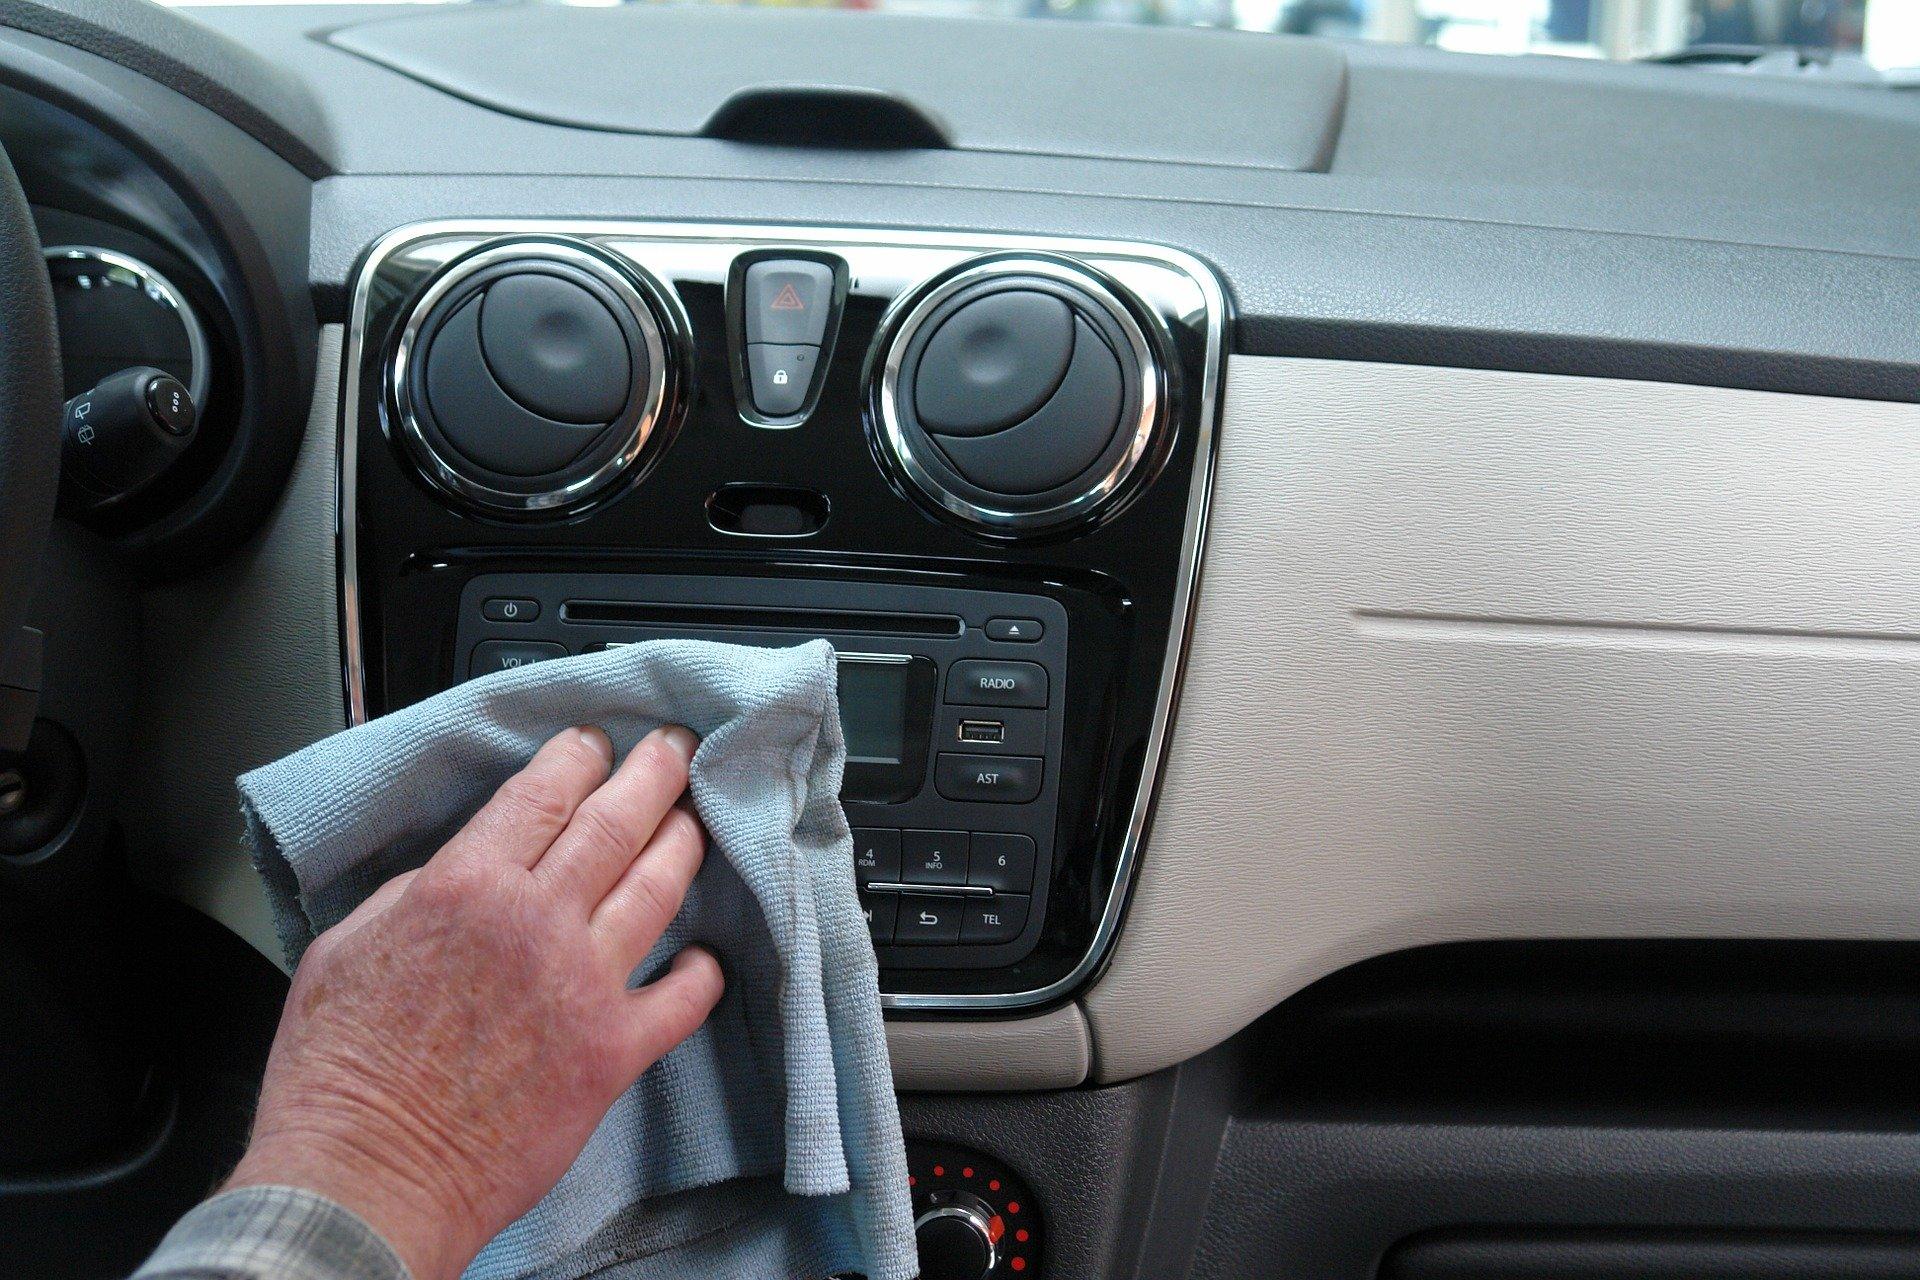 Quer lavar carro em Maracaju? Basta 1 ÚNICO PASSO: veja aqui!